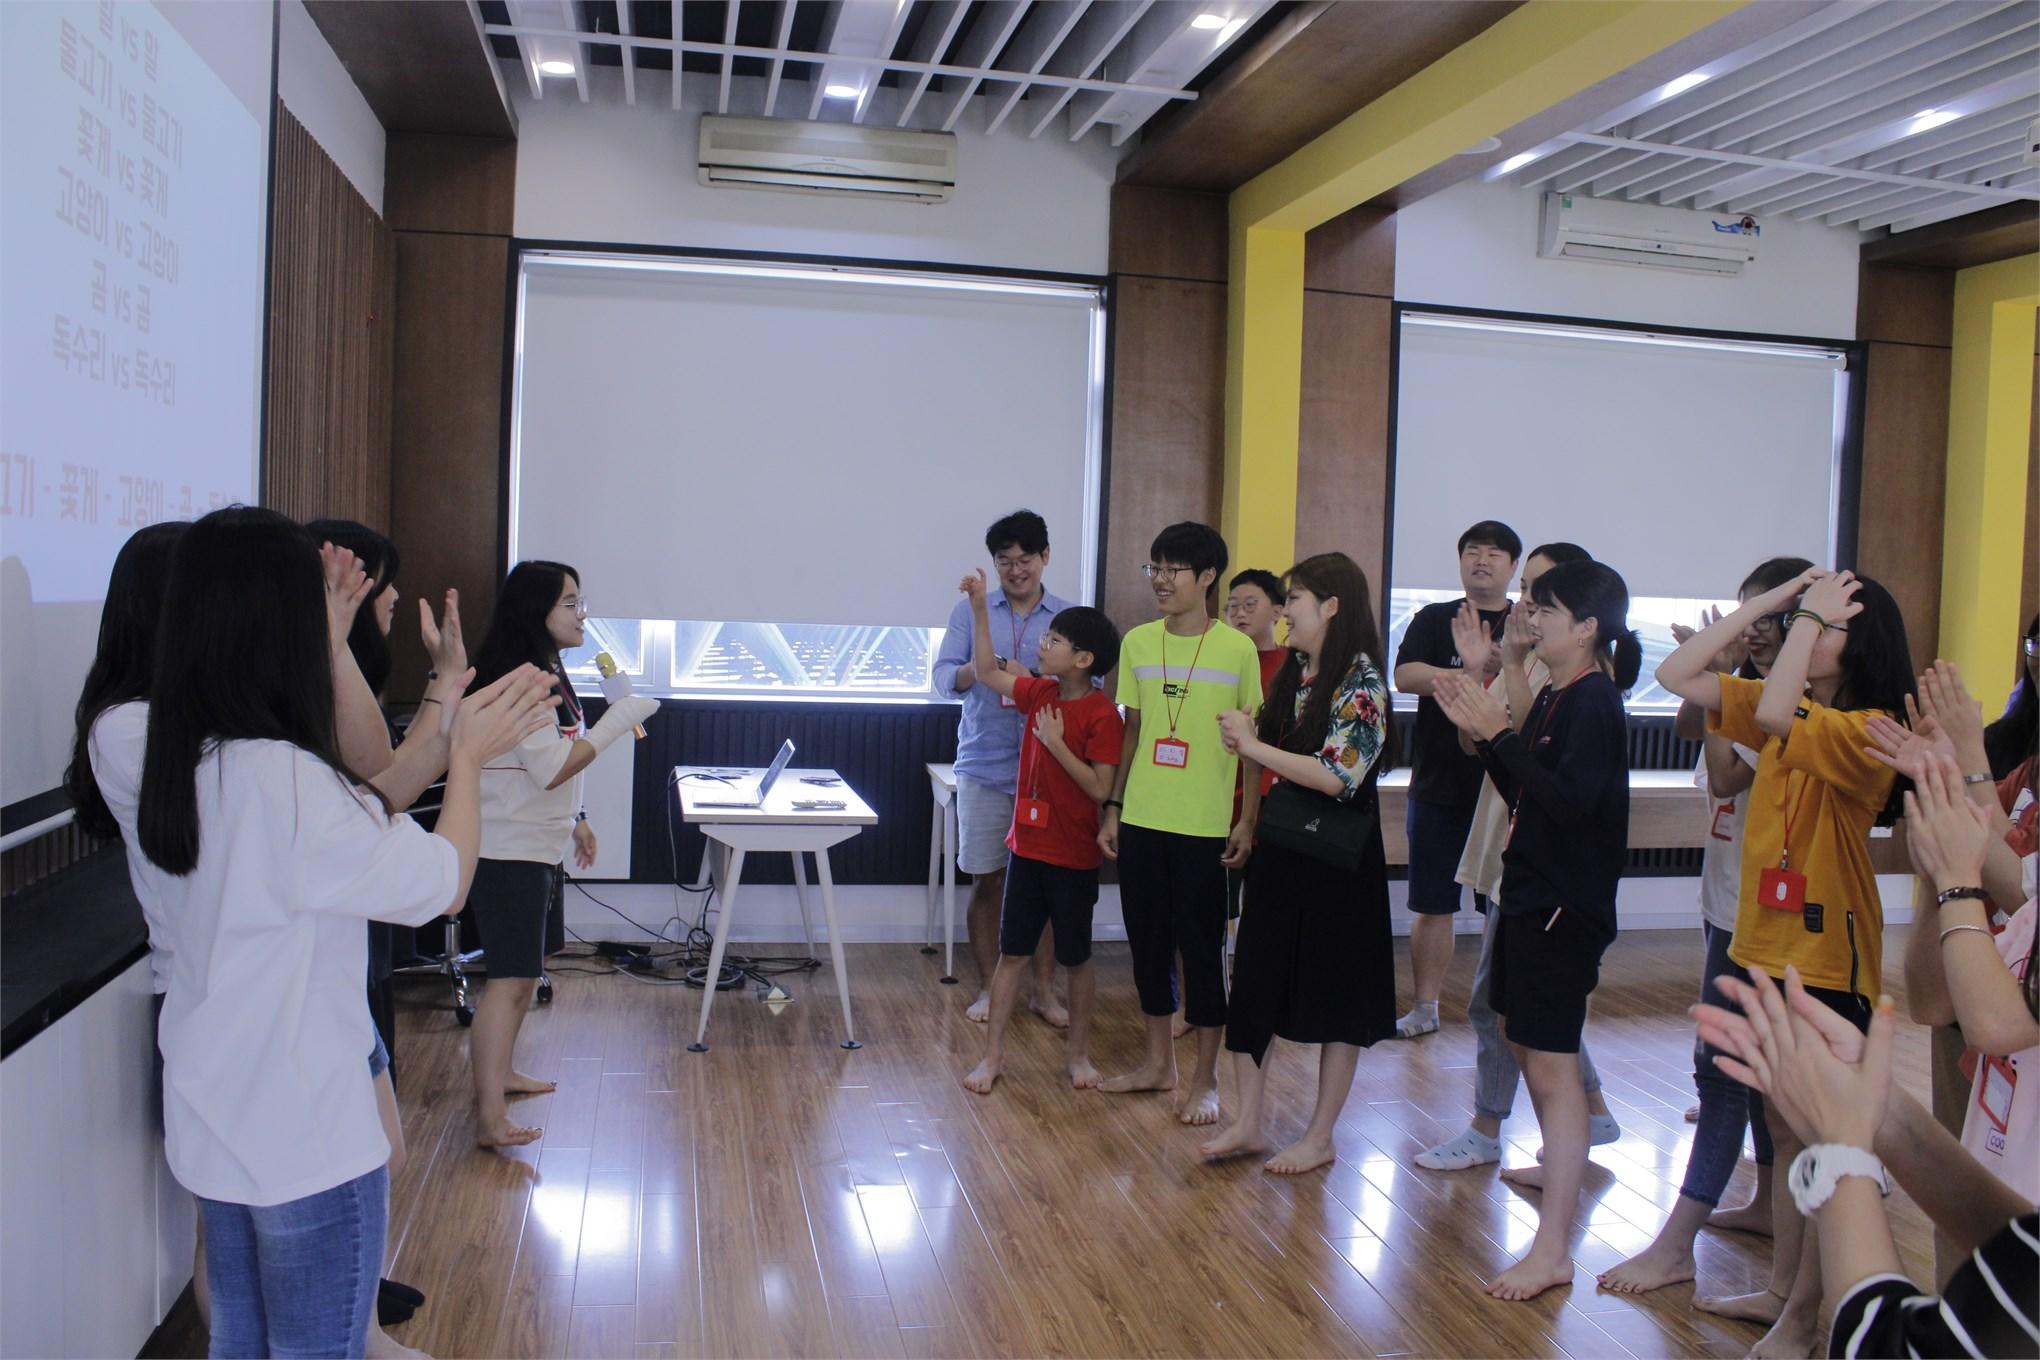 GIao lưu văn hóa Hàn Quốc cùng sinh viên Đại học Ajou